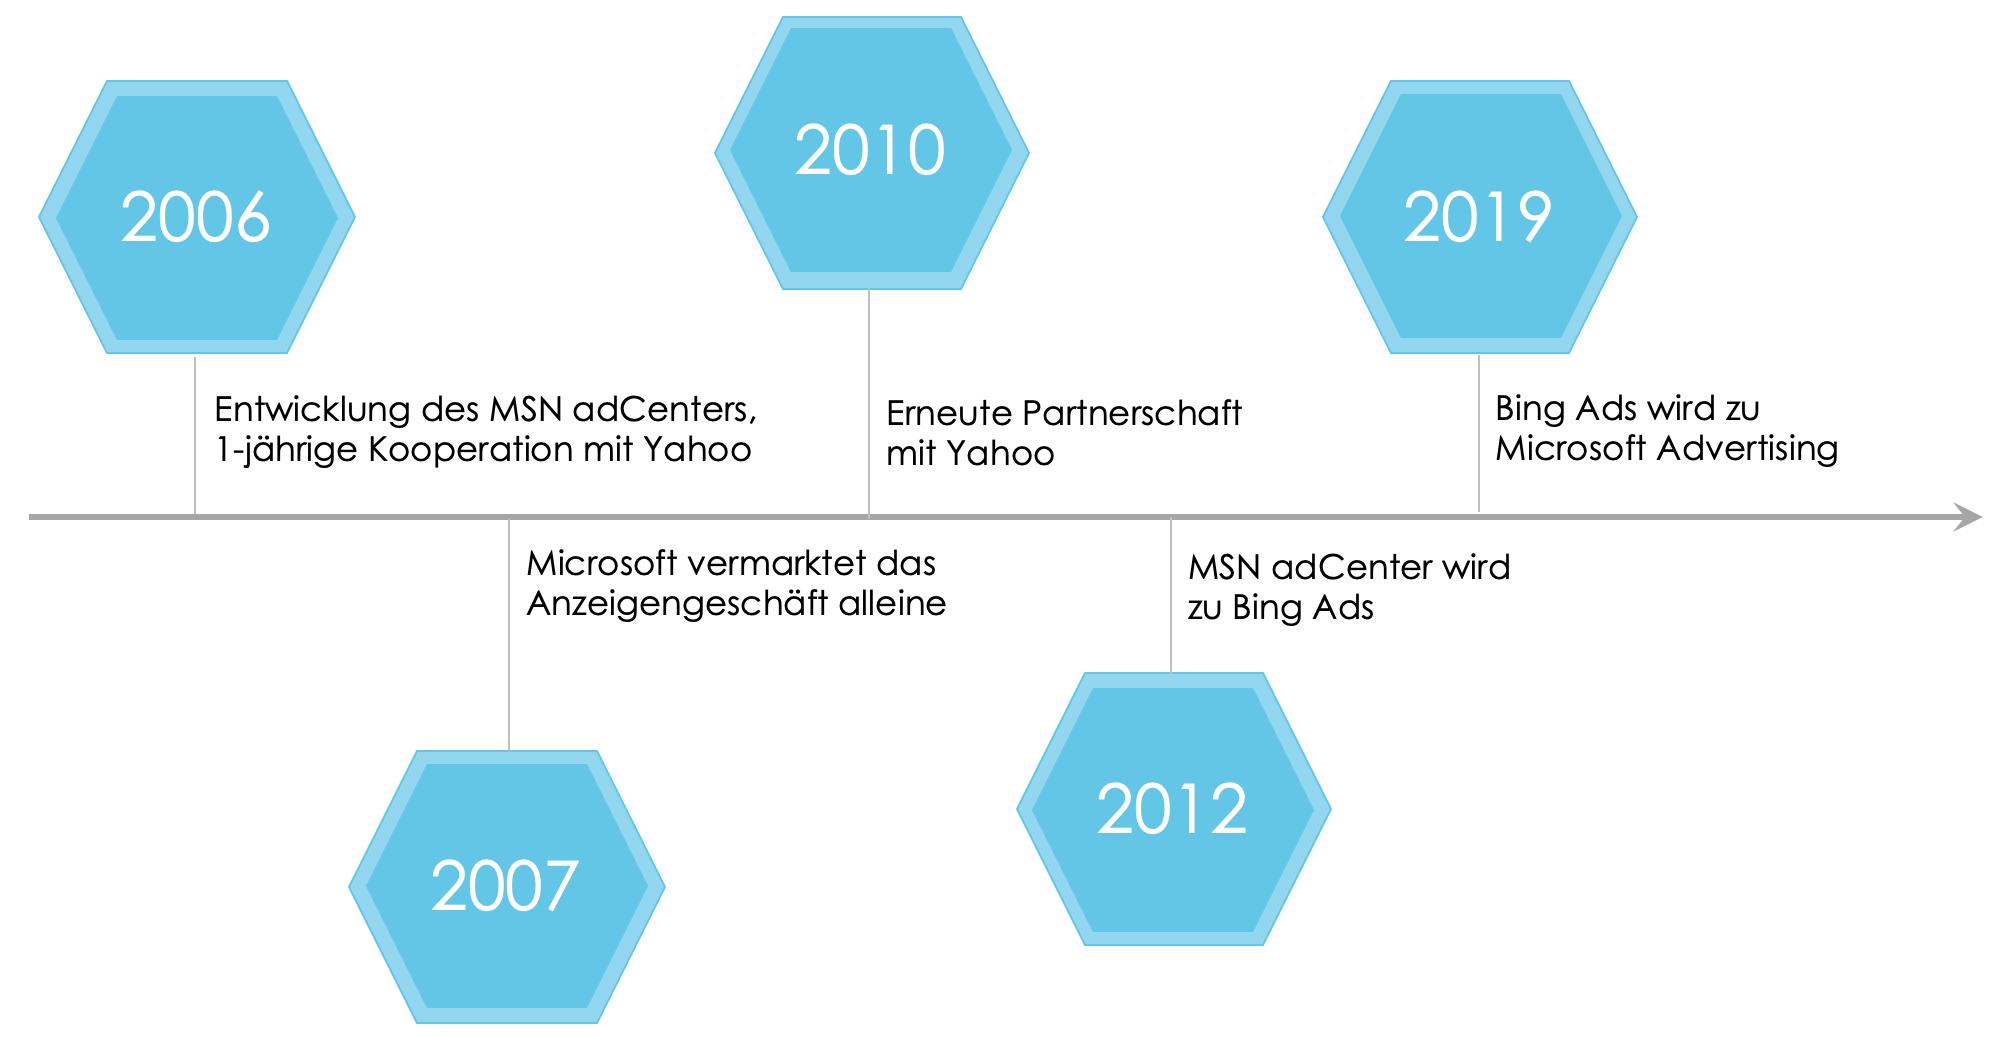 Zeitstrahl der Geschichte des Microsoft-Werbenetzwerks: - 2006 startete Microsoft mit der Entwicklung des MSN adCenters und einigte sich mit Yahoo auf eine einjährige Kooperation - 2007 endet die Kooperation und Microsoft vermarktet das Anzeigengeschäft alleine - 2010 kam es zu einer erneuten Partnerschaft mit Yahoo - 2012 wird der MSN adCenter zu Bing Ads umbenannt - 2019 wird Bing Ads zu Microsoft Advertising umbenannt